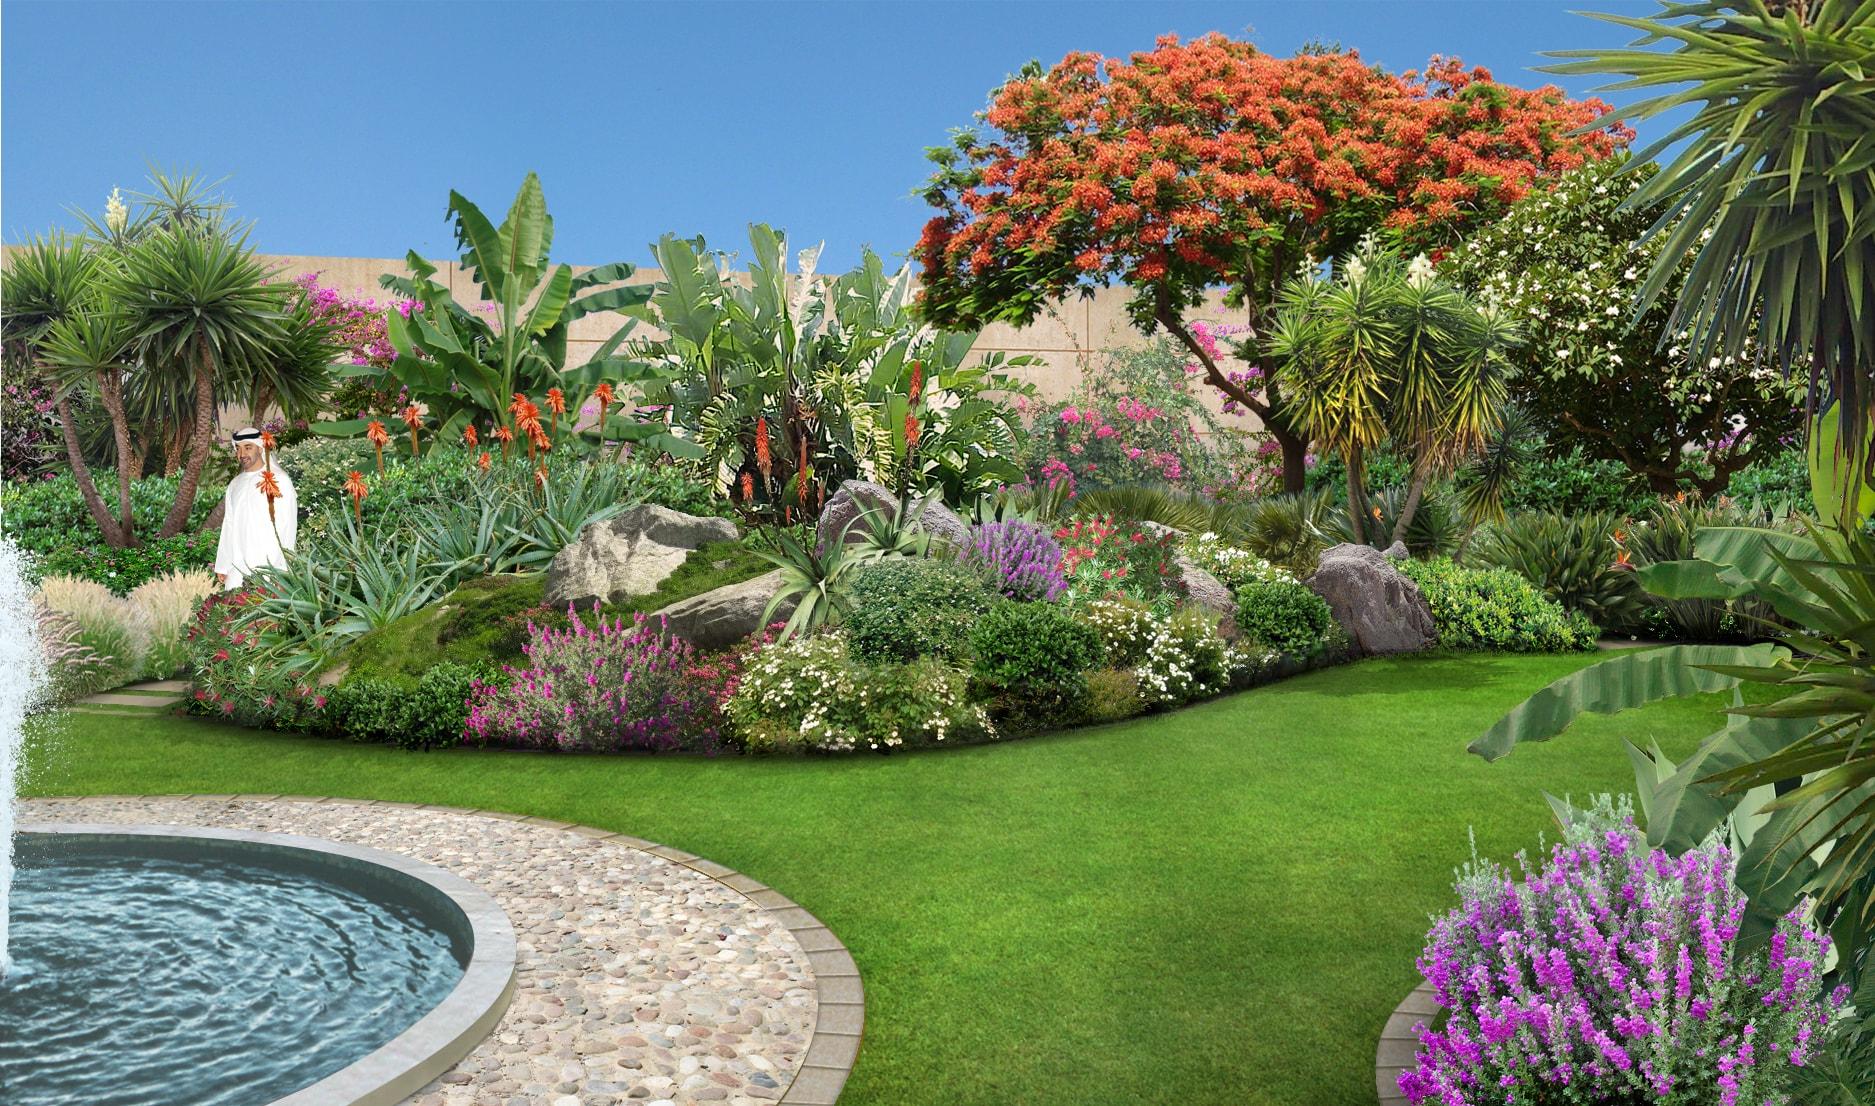 Emirato di abu dhabi un giardino nel deserto - Progetto di un giardino ...